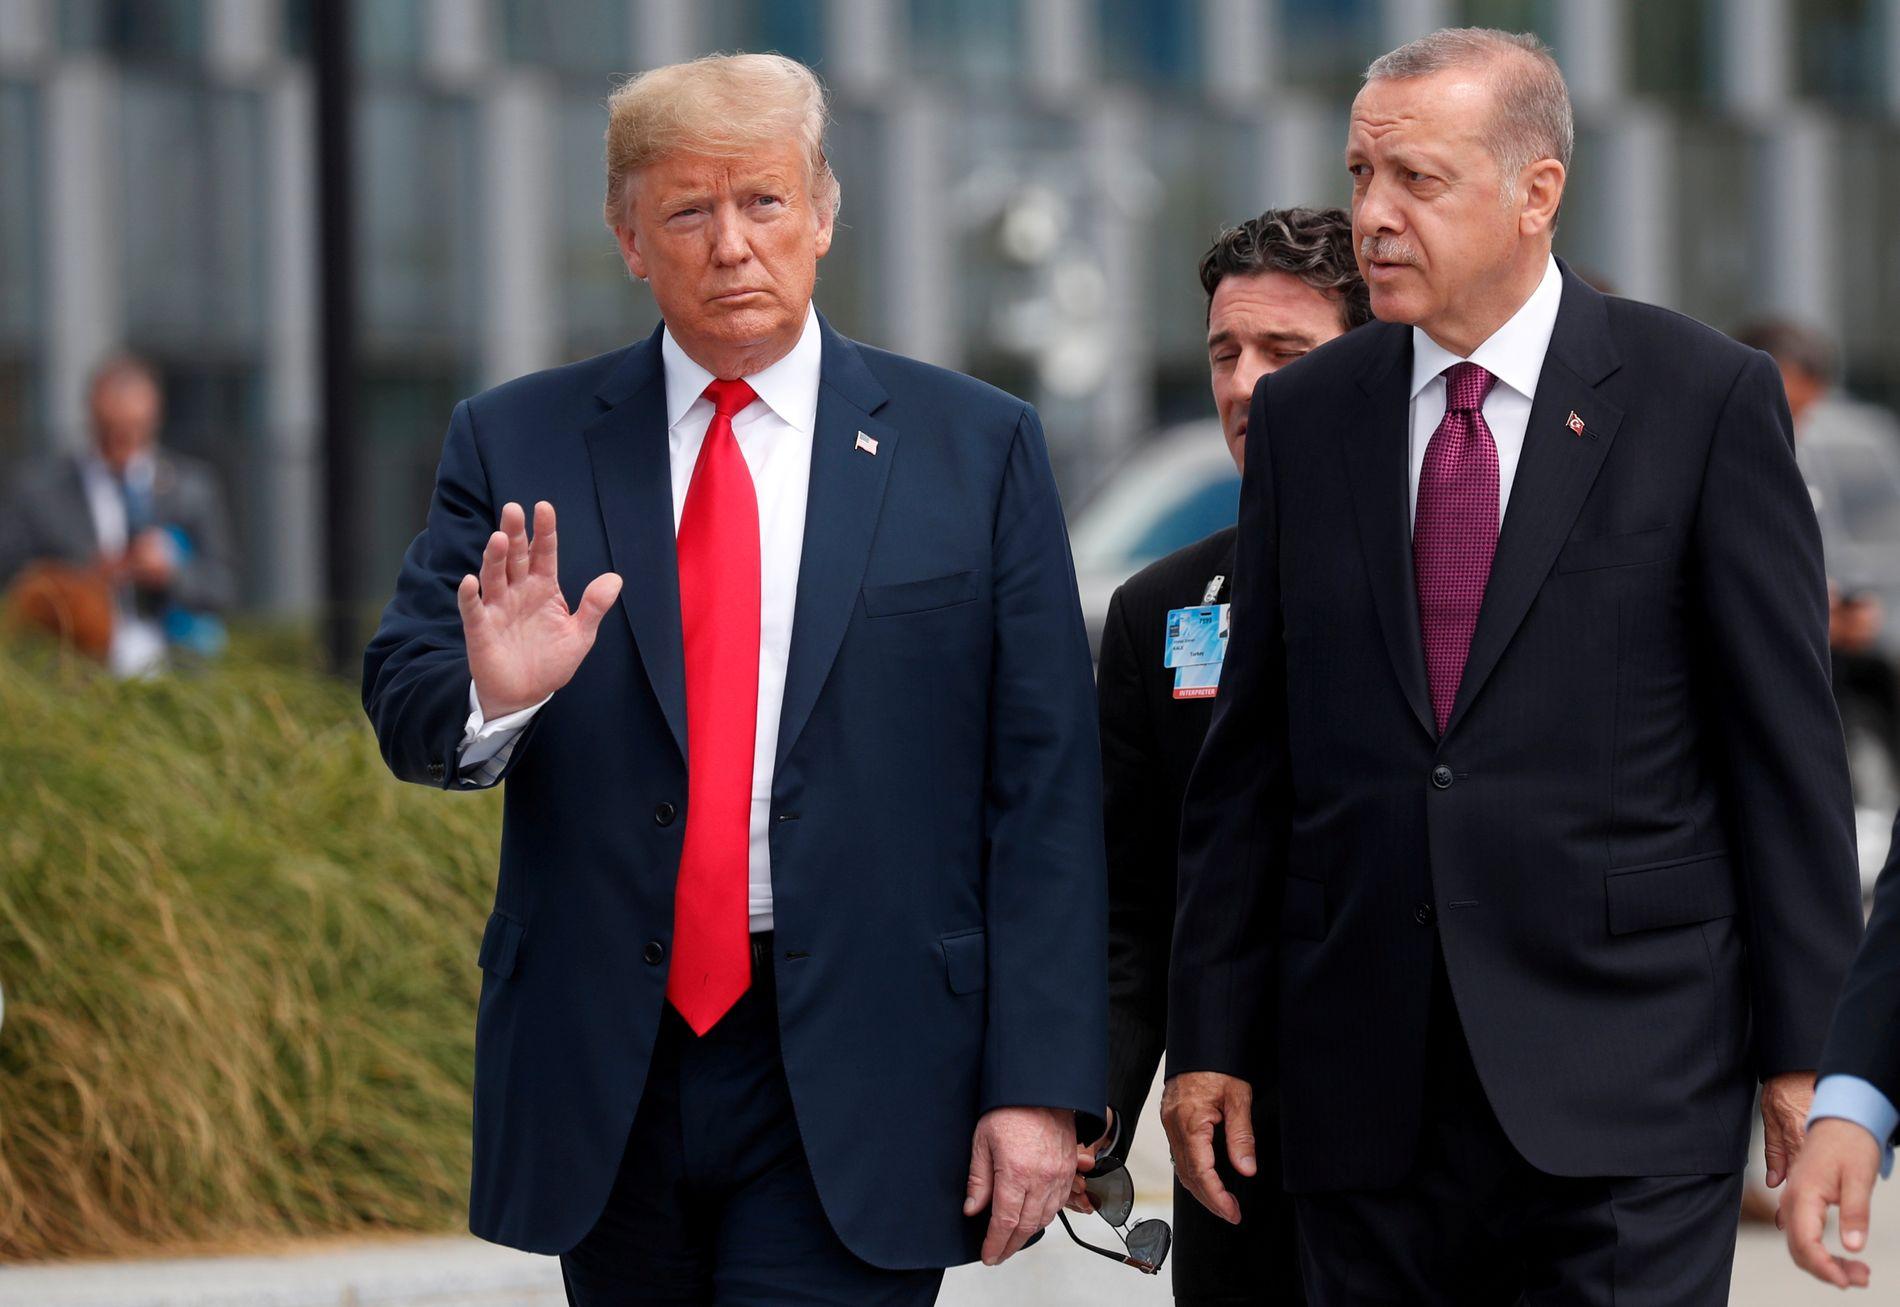 NEGATIV UTVIKLING: – Spesielt illevarslende med de senere årenes demokratiske endringer, er at tilbakegang har kommet i store land som Brasil, India, Tyrkia og USA, skriver kronikkforfatteren.